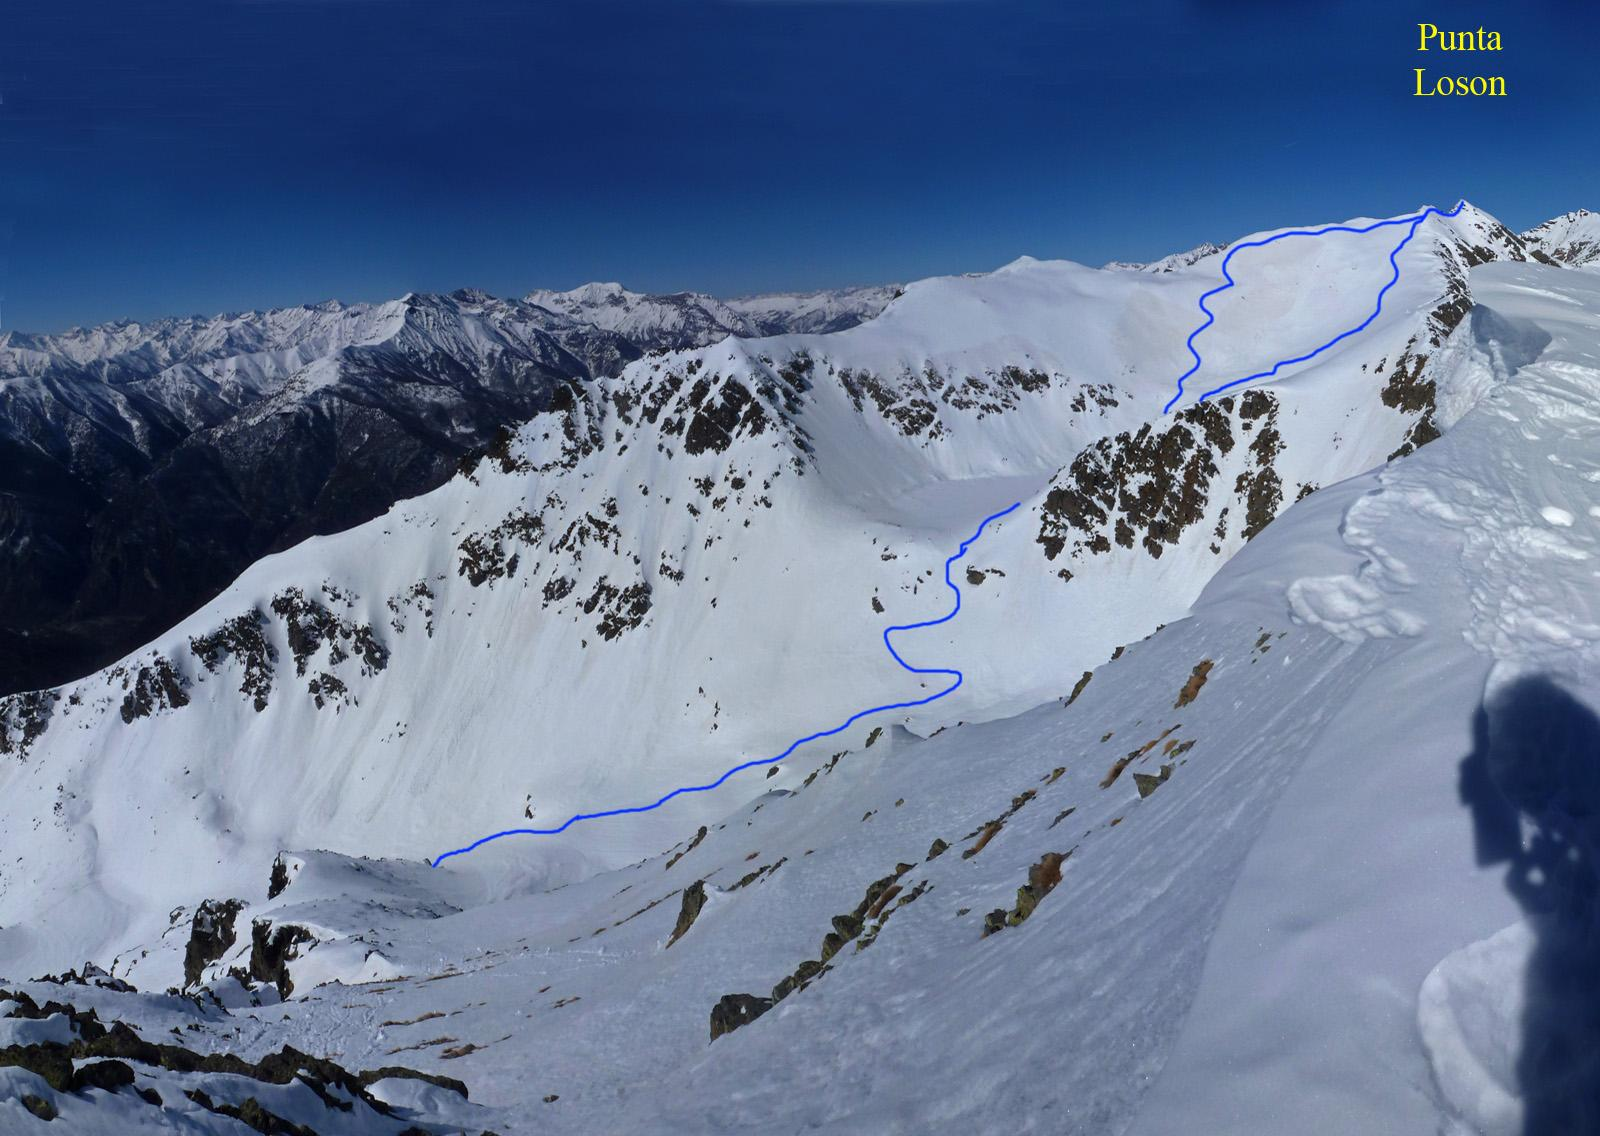 La parte alta dell'itinerario, vista dalla punta del lago 15 giorni fa